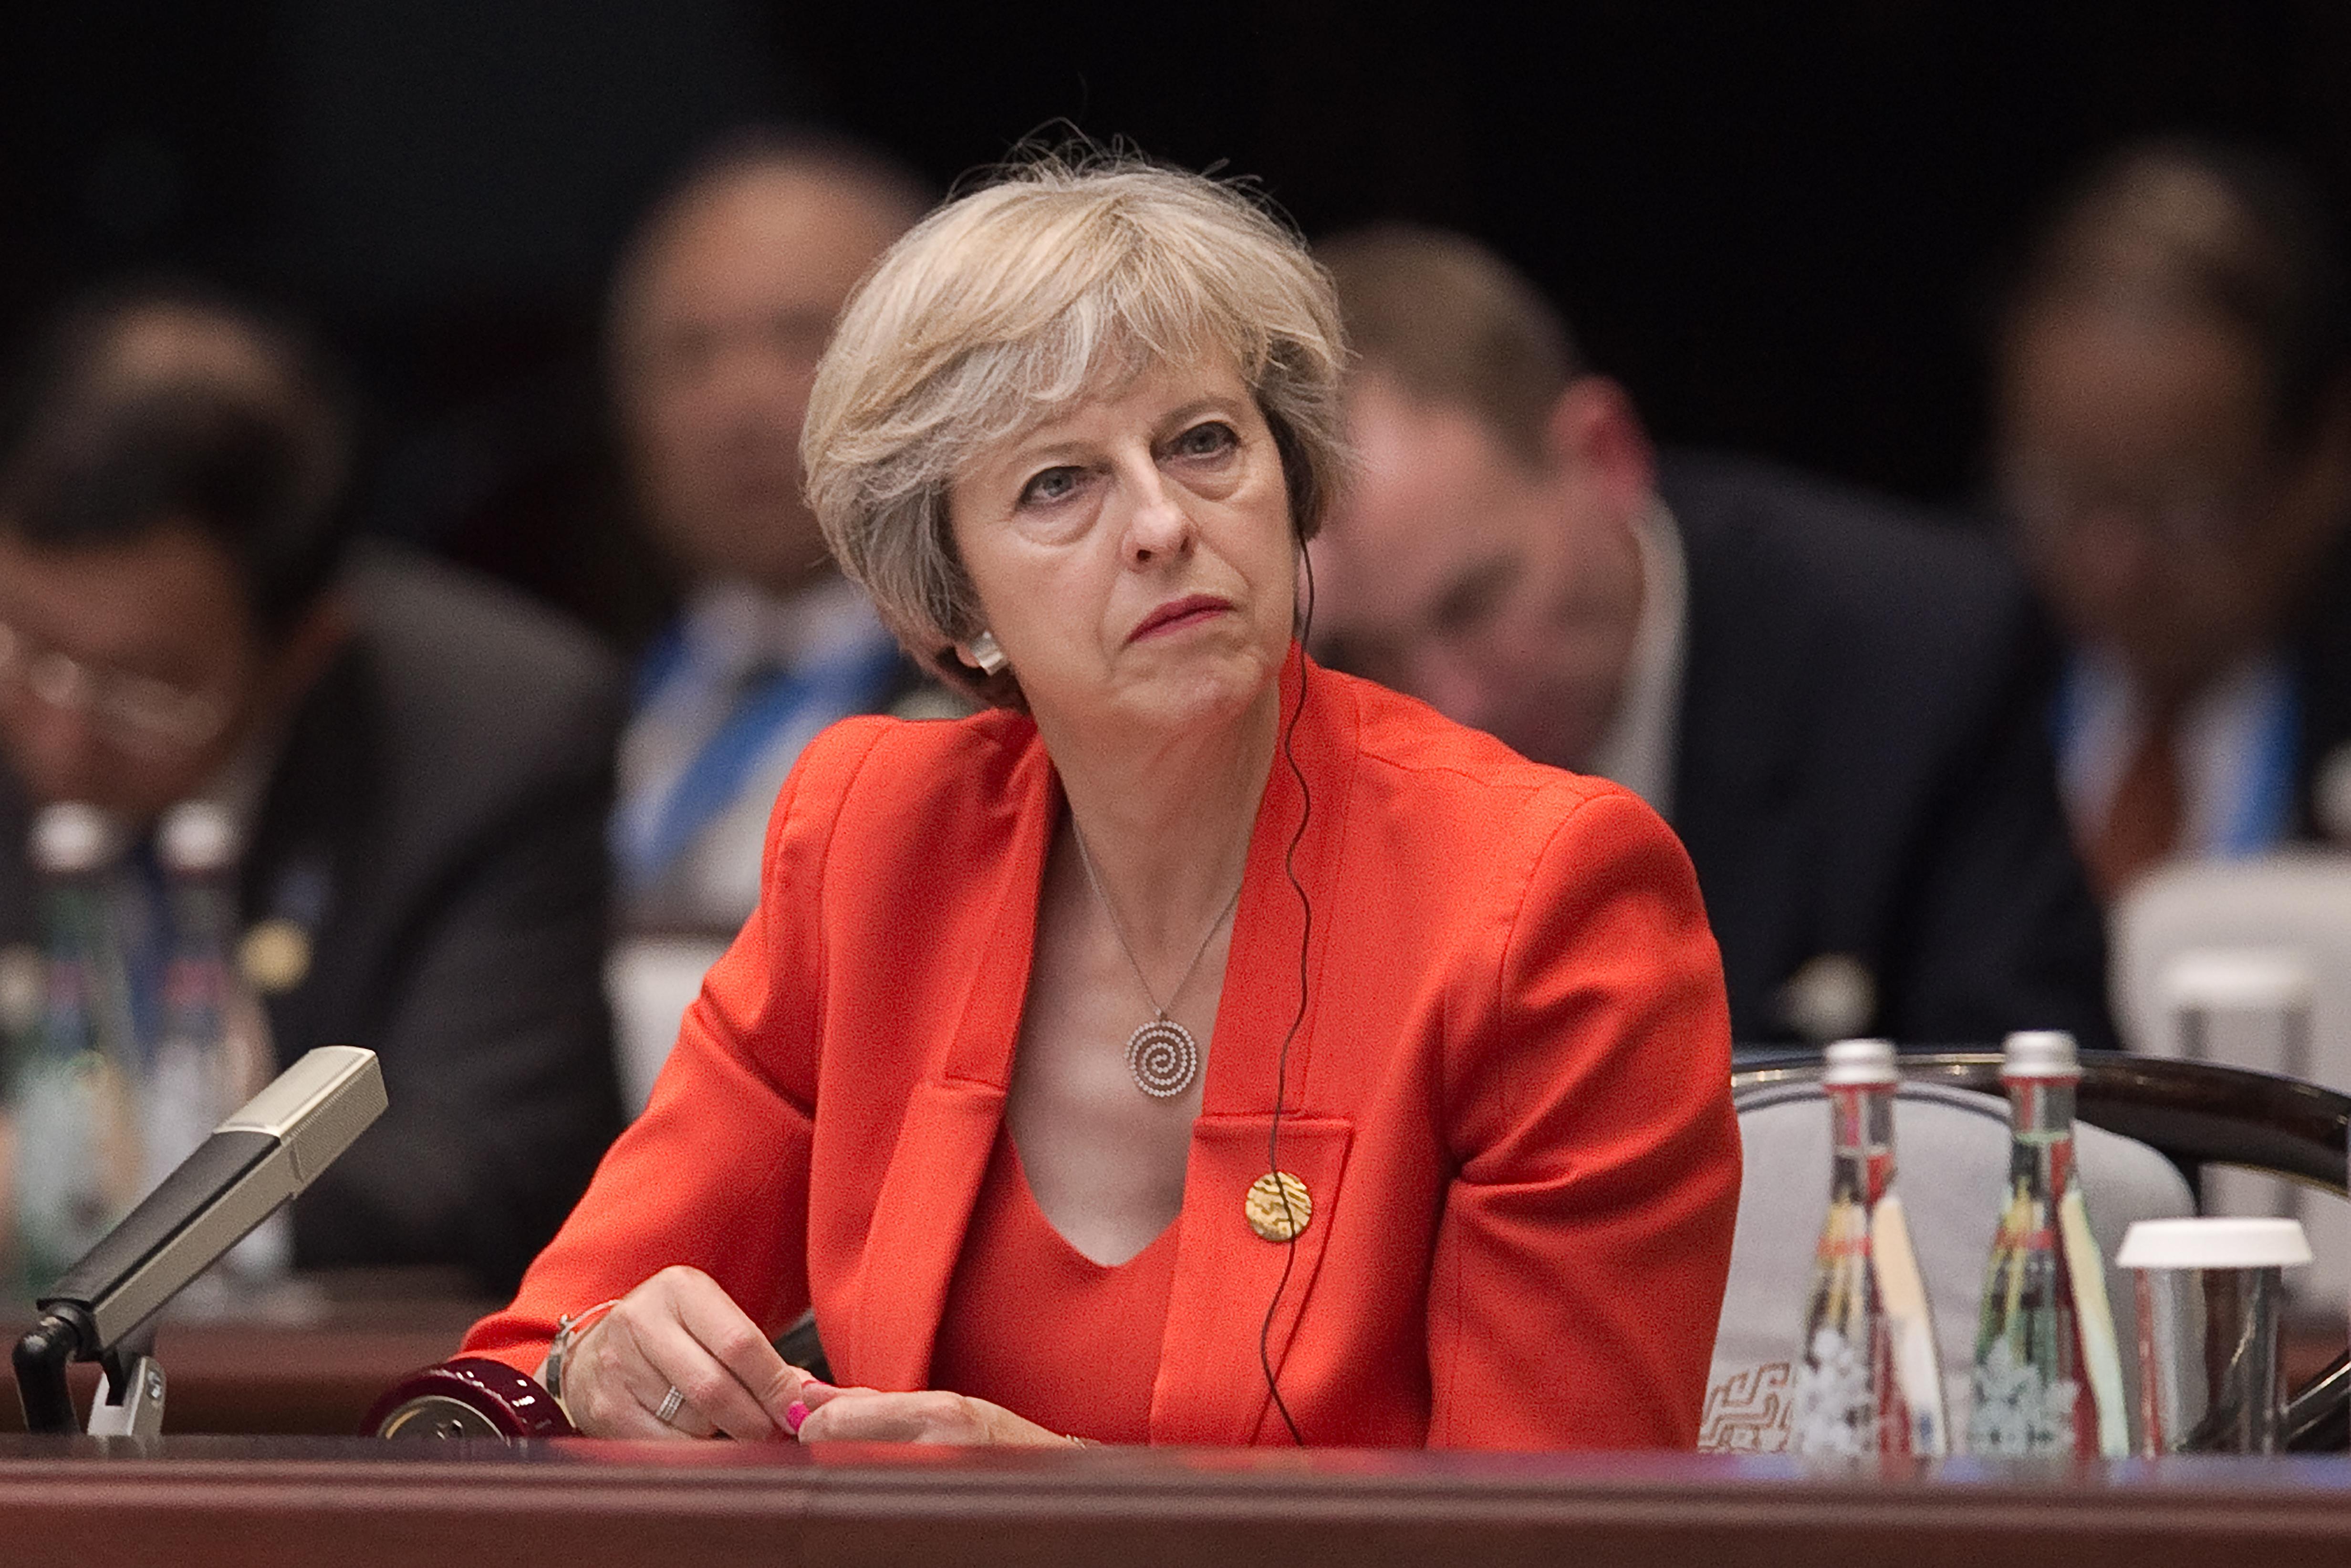 Kínai kémnőktől félnek a britek a G20-on